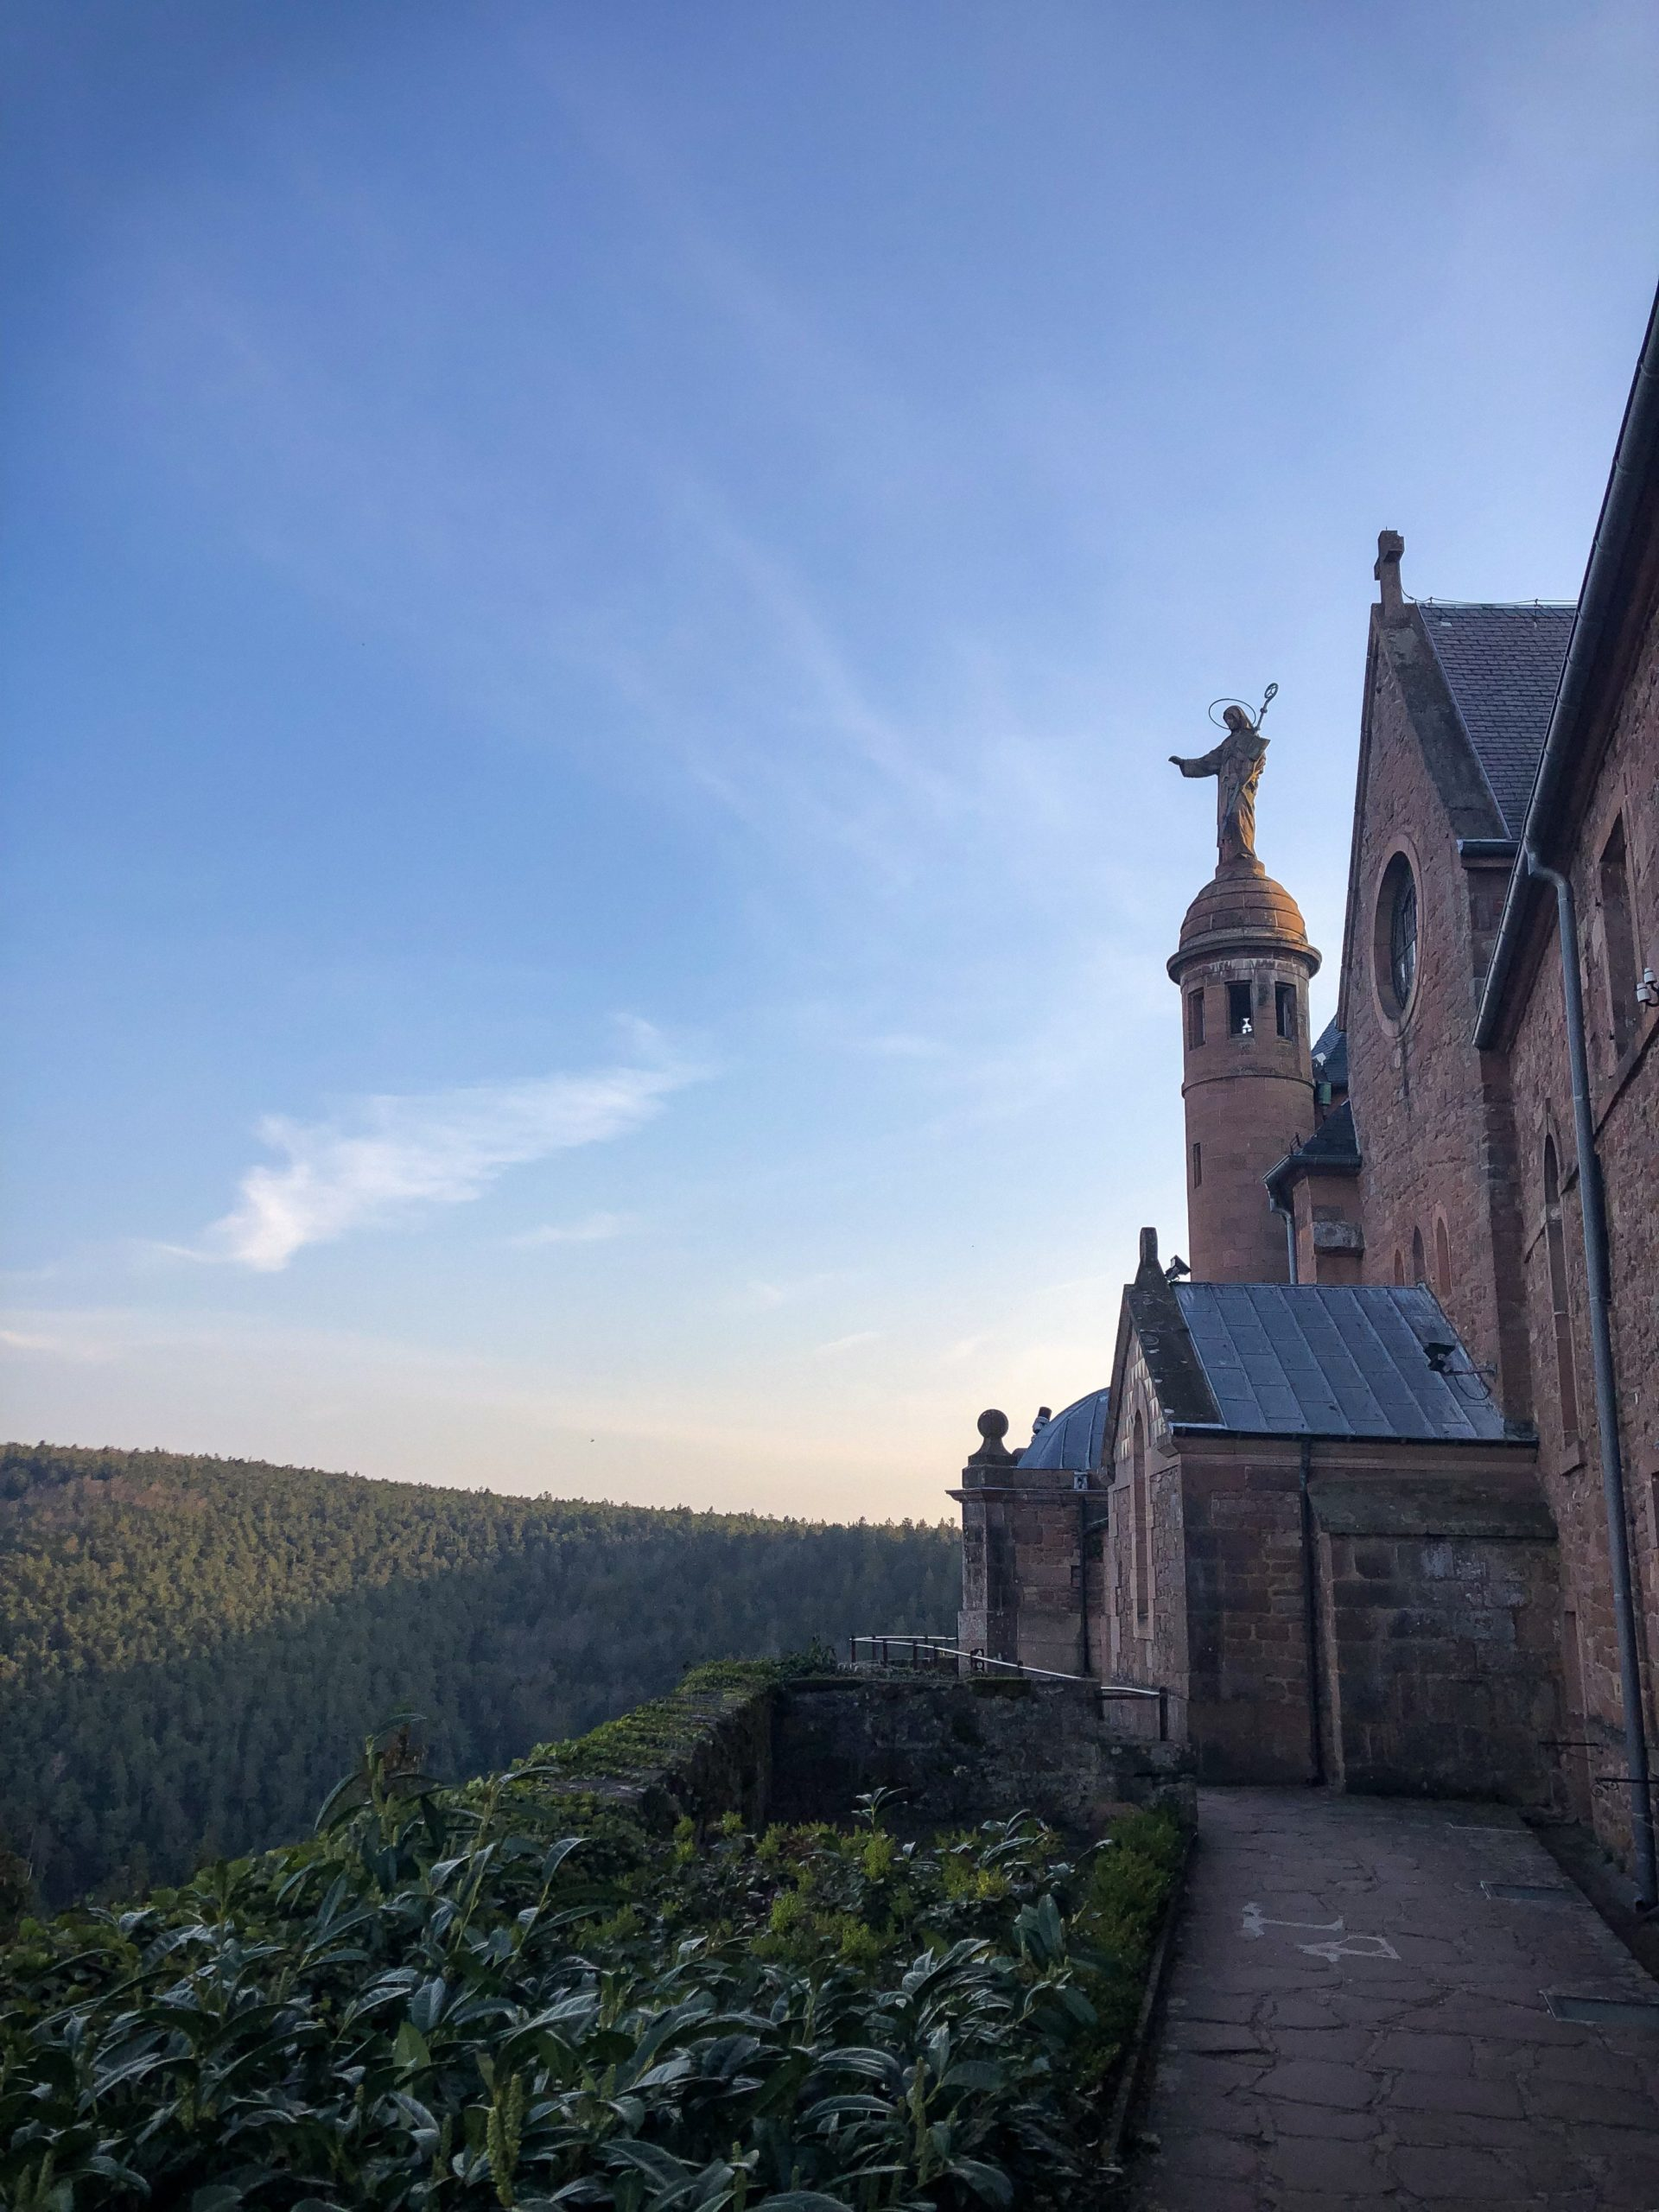 Le couvent de Sainte Odile en Alsace